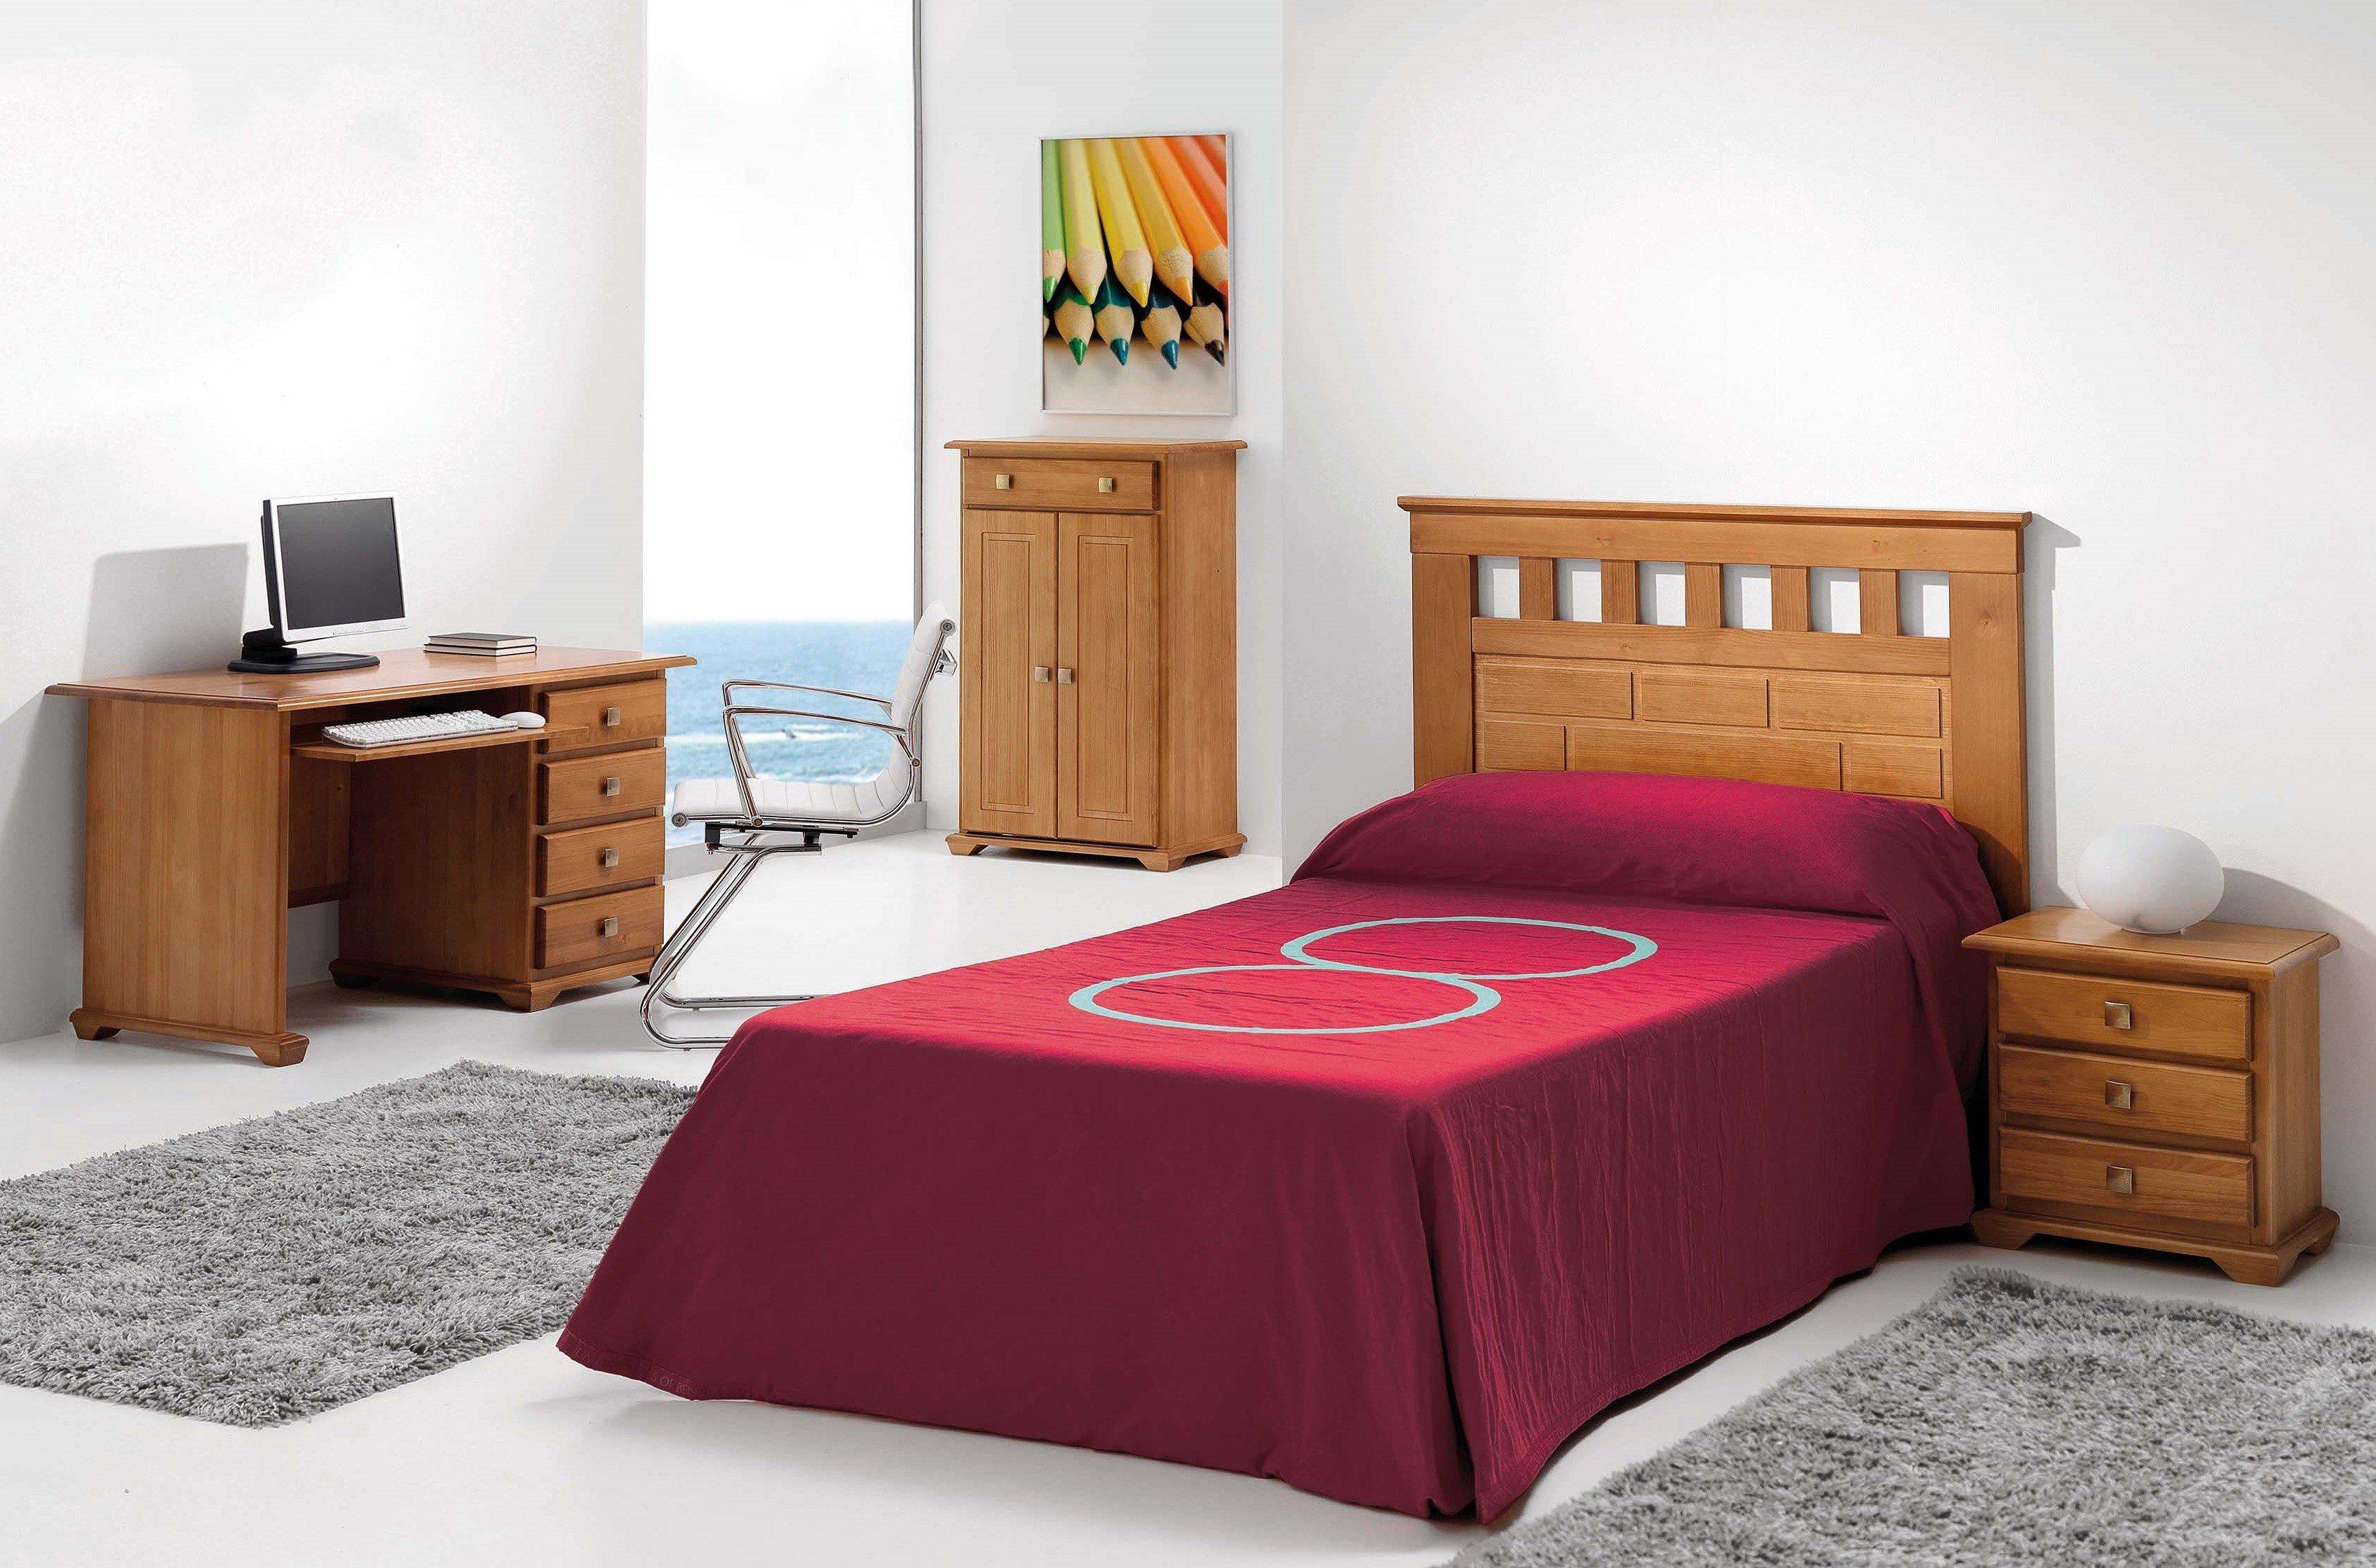 Muebles y decoraci n valencia tienda decoraci n valencia for Sillas dormitorio moderno